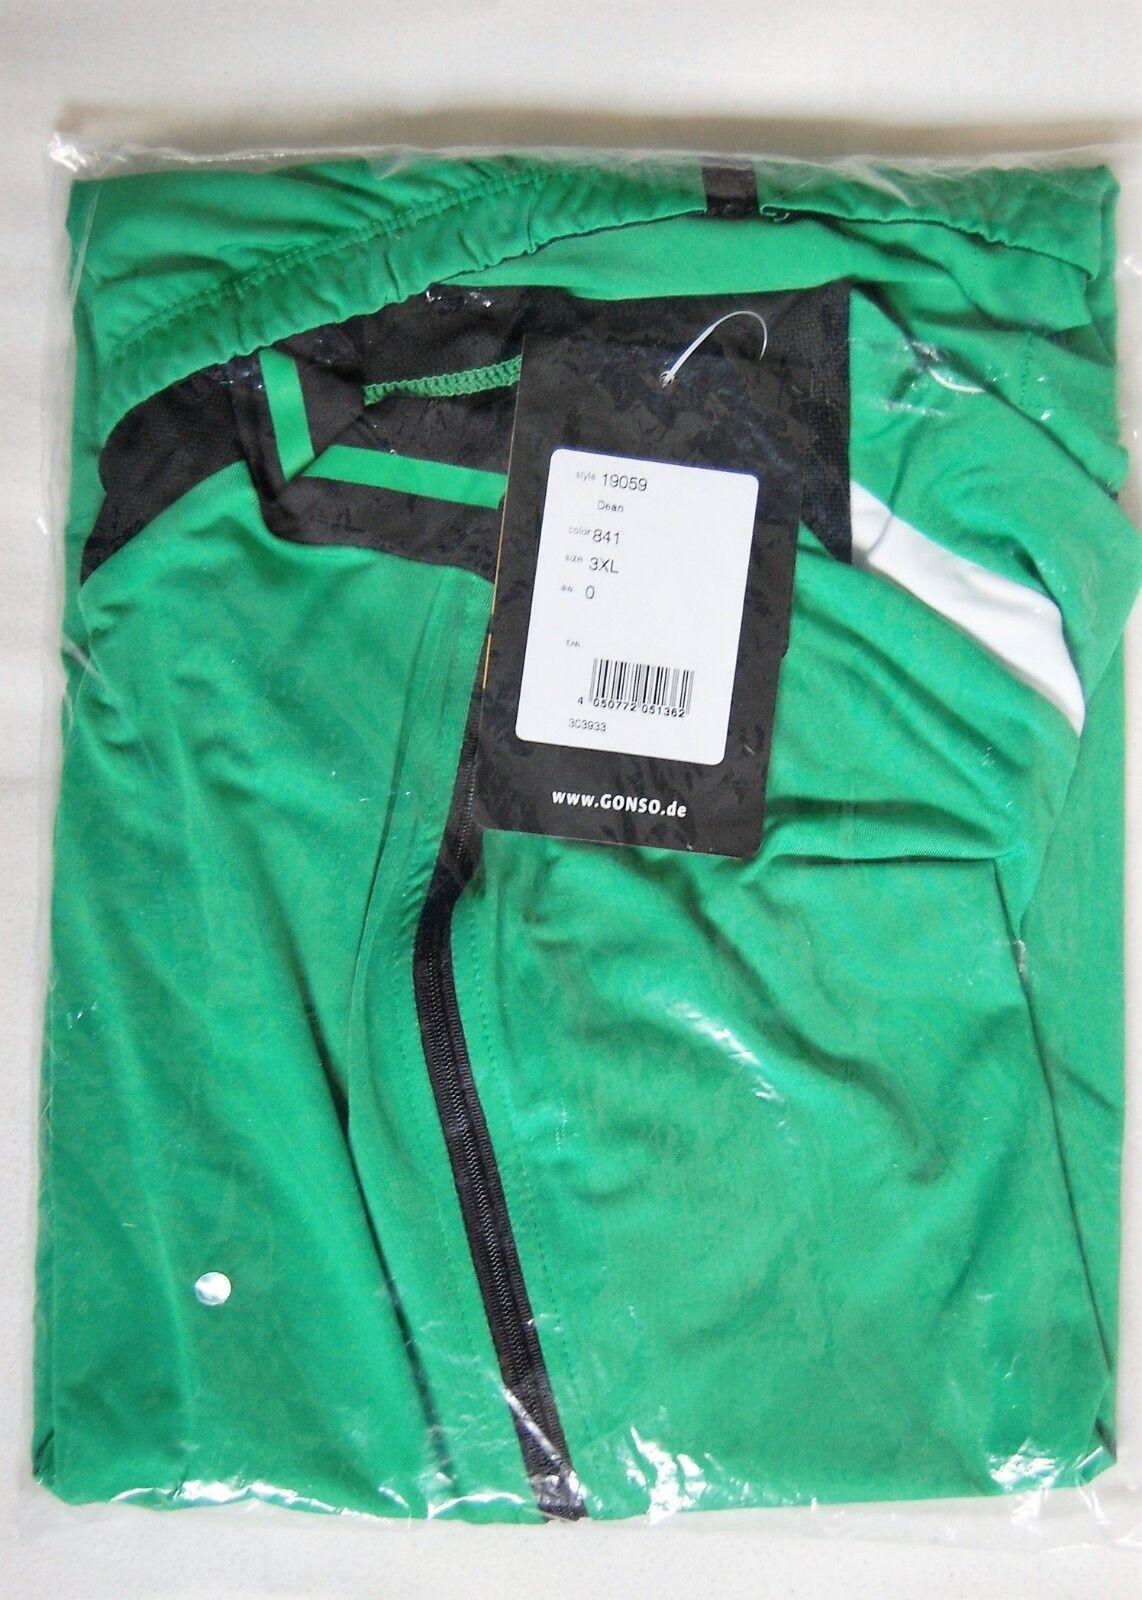 GONSO Dean Trikot XXXL langer Reißverschluß kurz Arm Fahrrad Shirt Zipp 56 3XL Grün